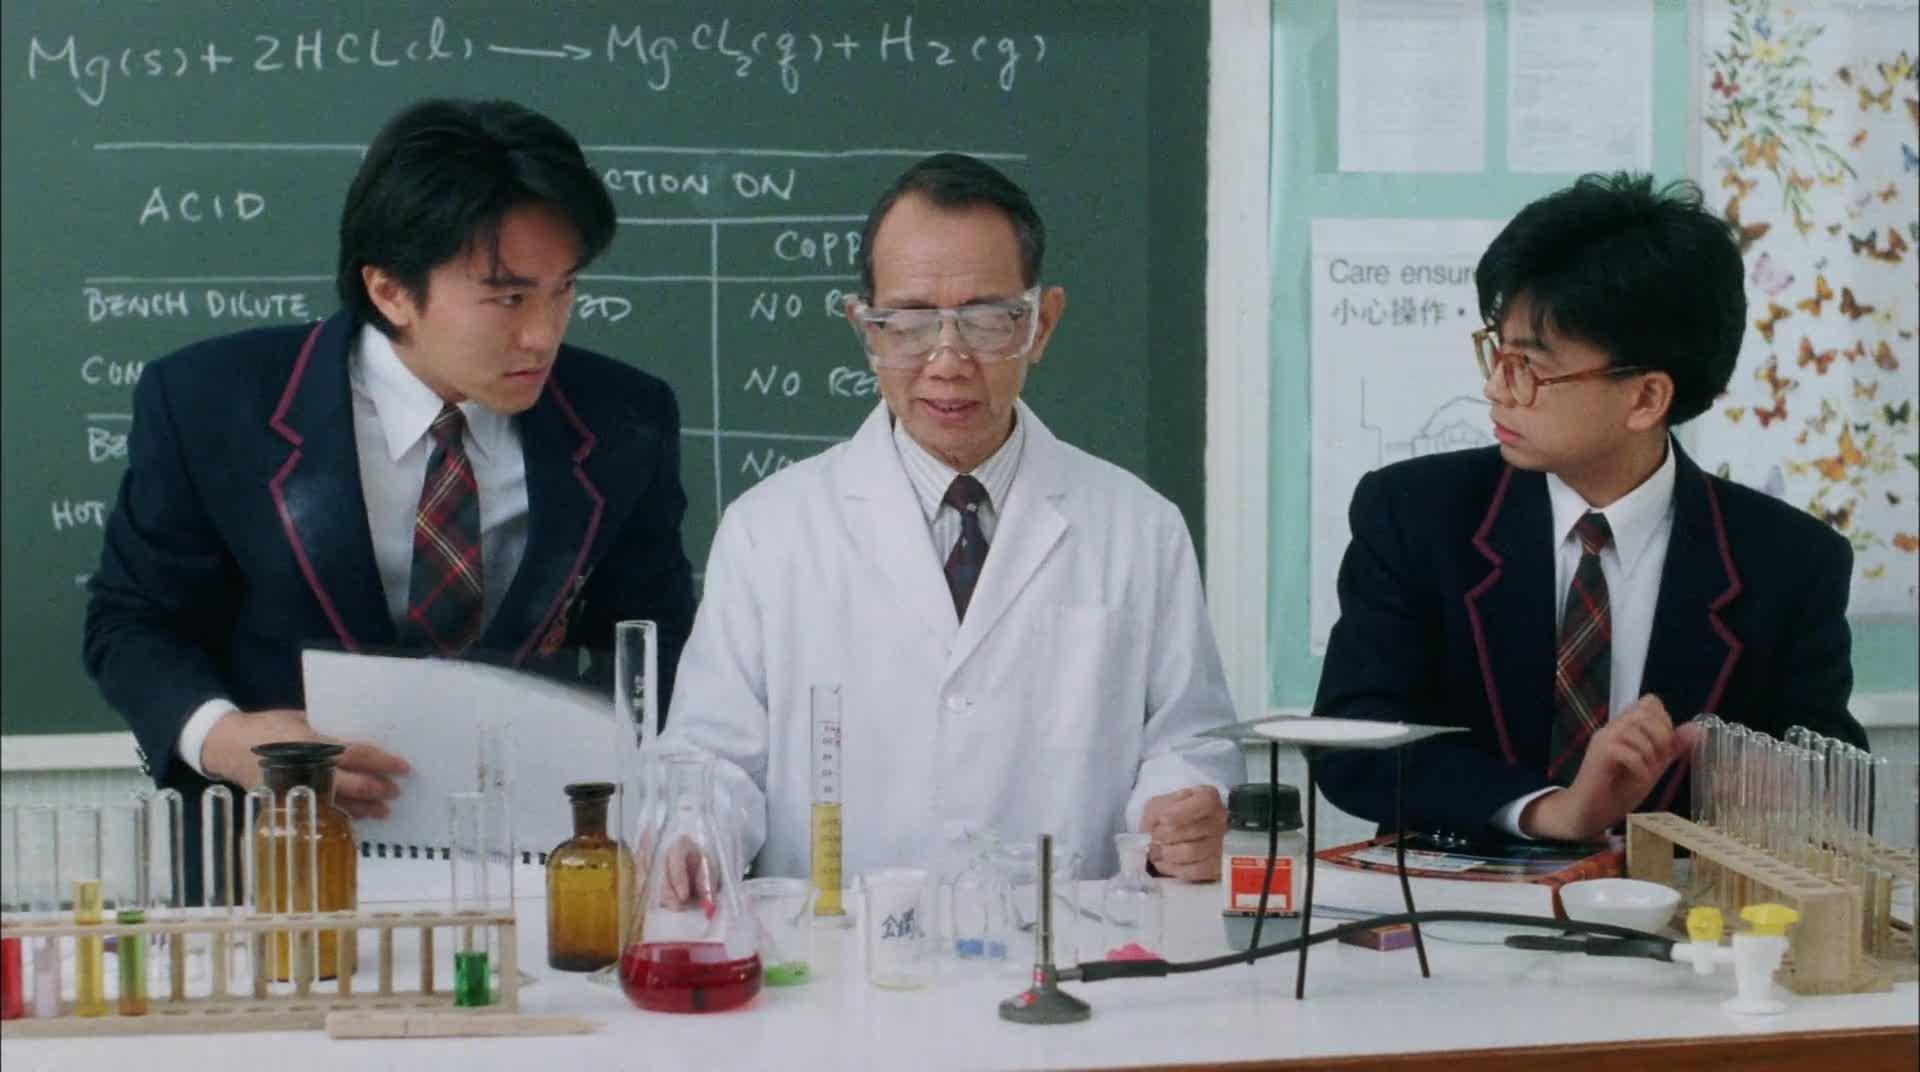 #经典看电影#化学老师记性不好,还要星爷帮助做实验,结果差点炸死大家!